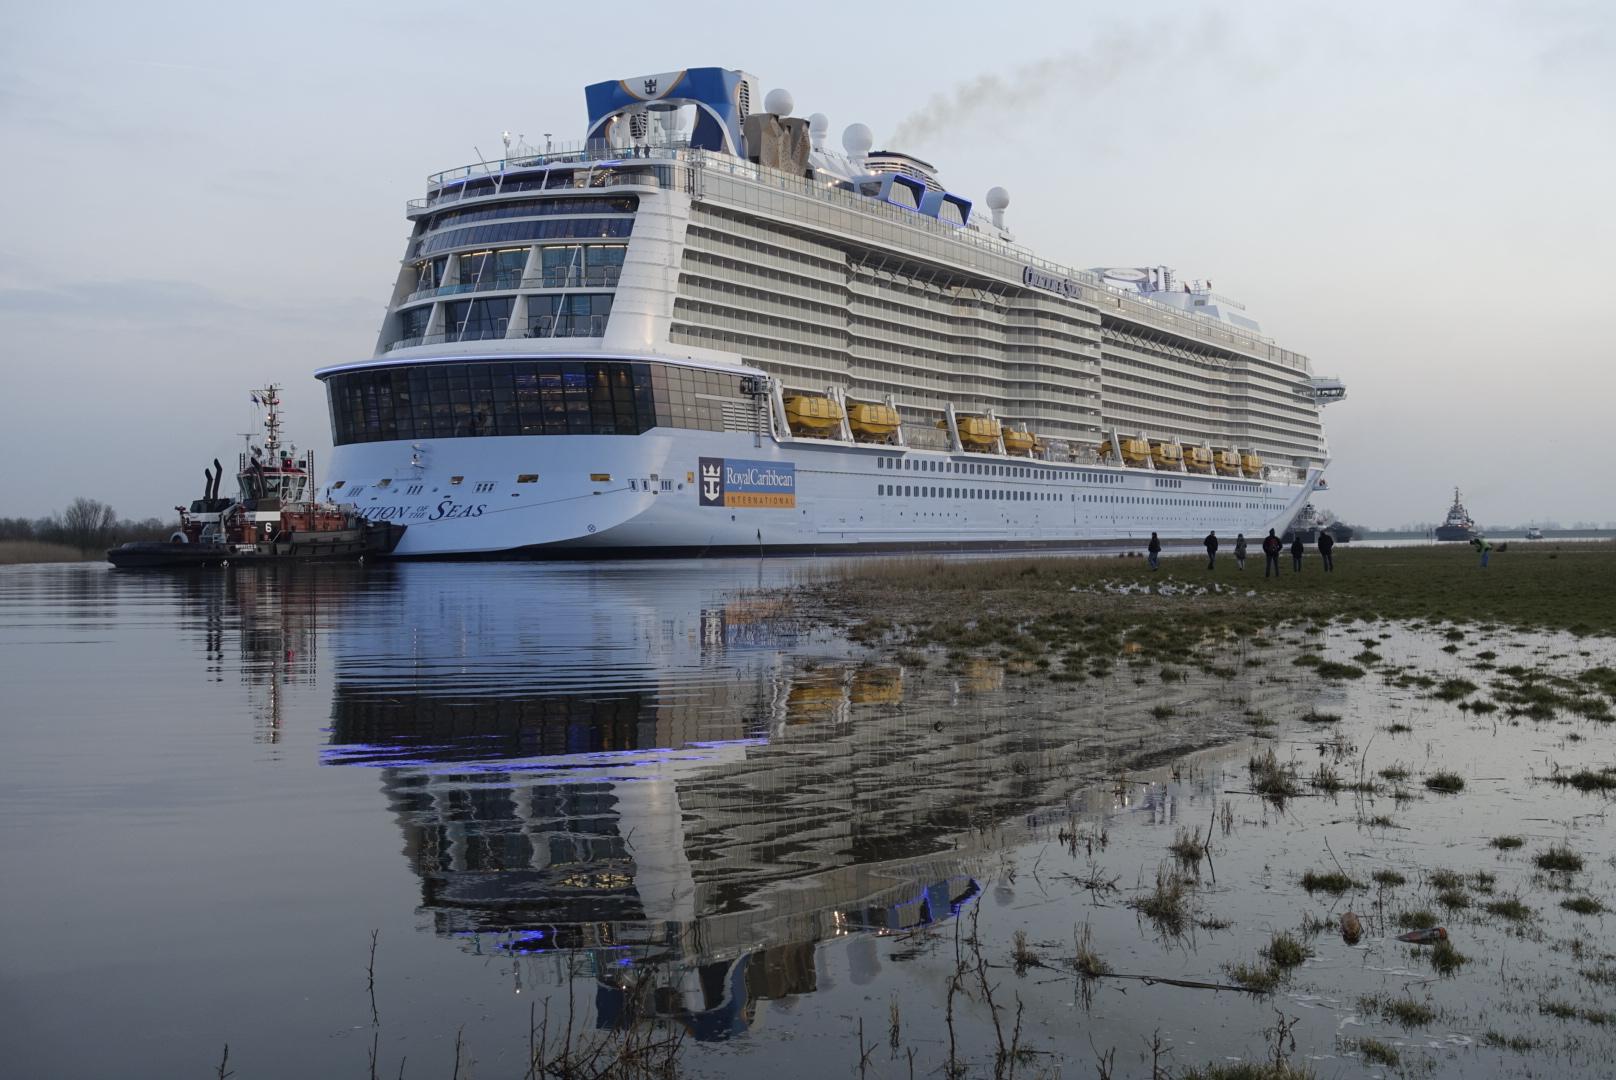 Ovation of the Seas leaves the Papenburg shipyard – World of Cruising Magazine